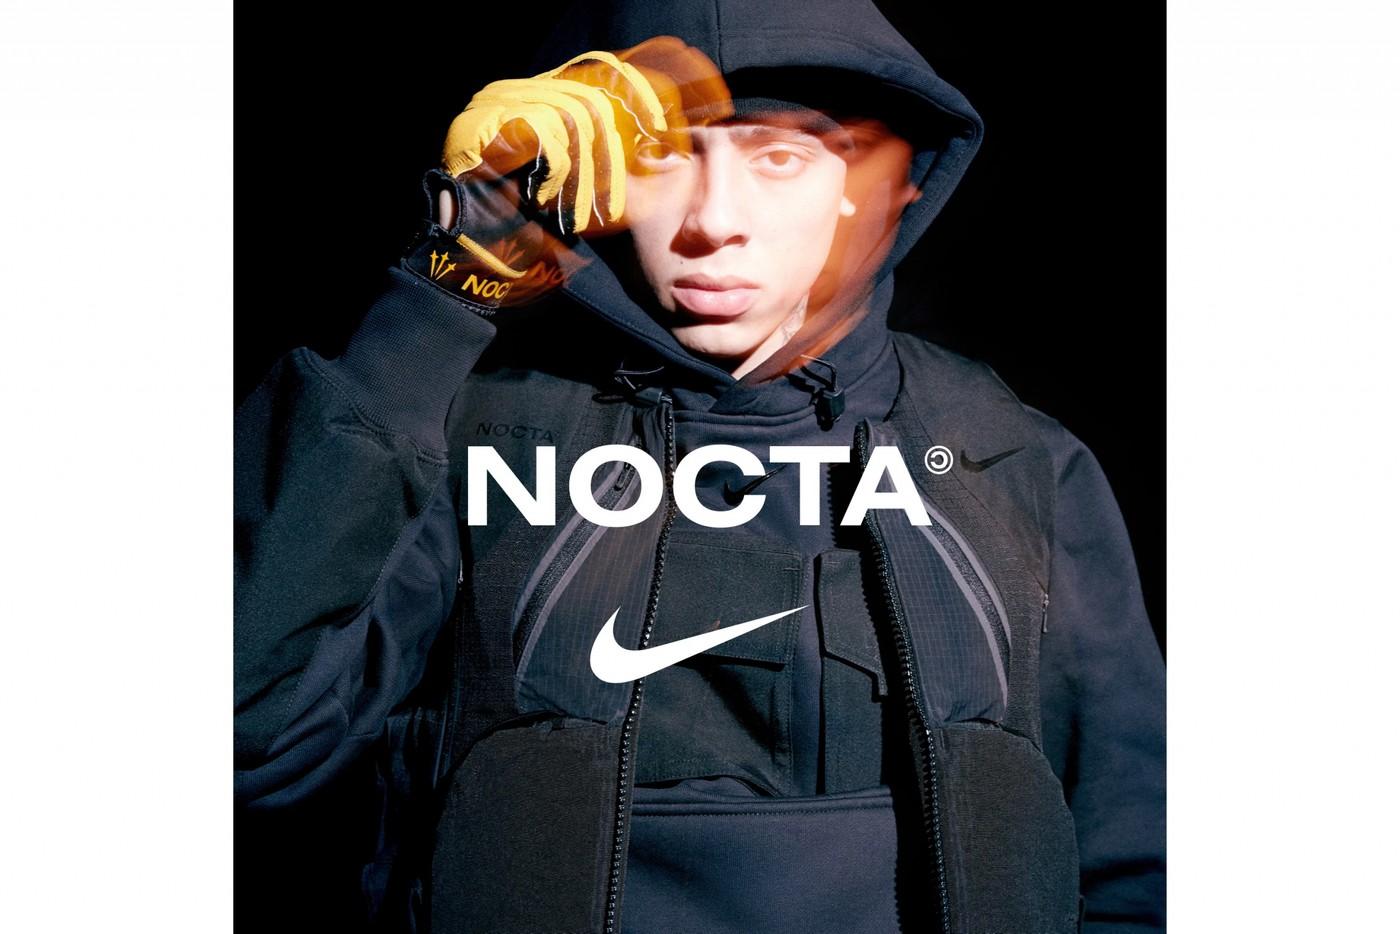 Дрейк и Nike показали лукбук второго дропа совместной линии NOCTA (фото 2)